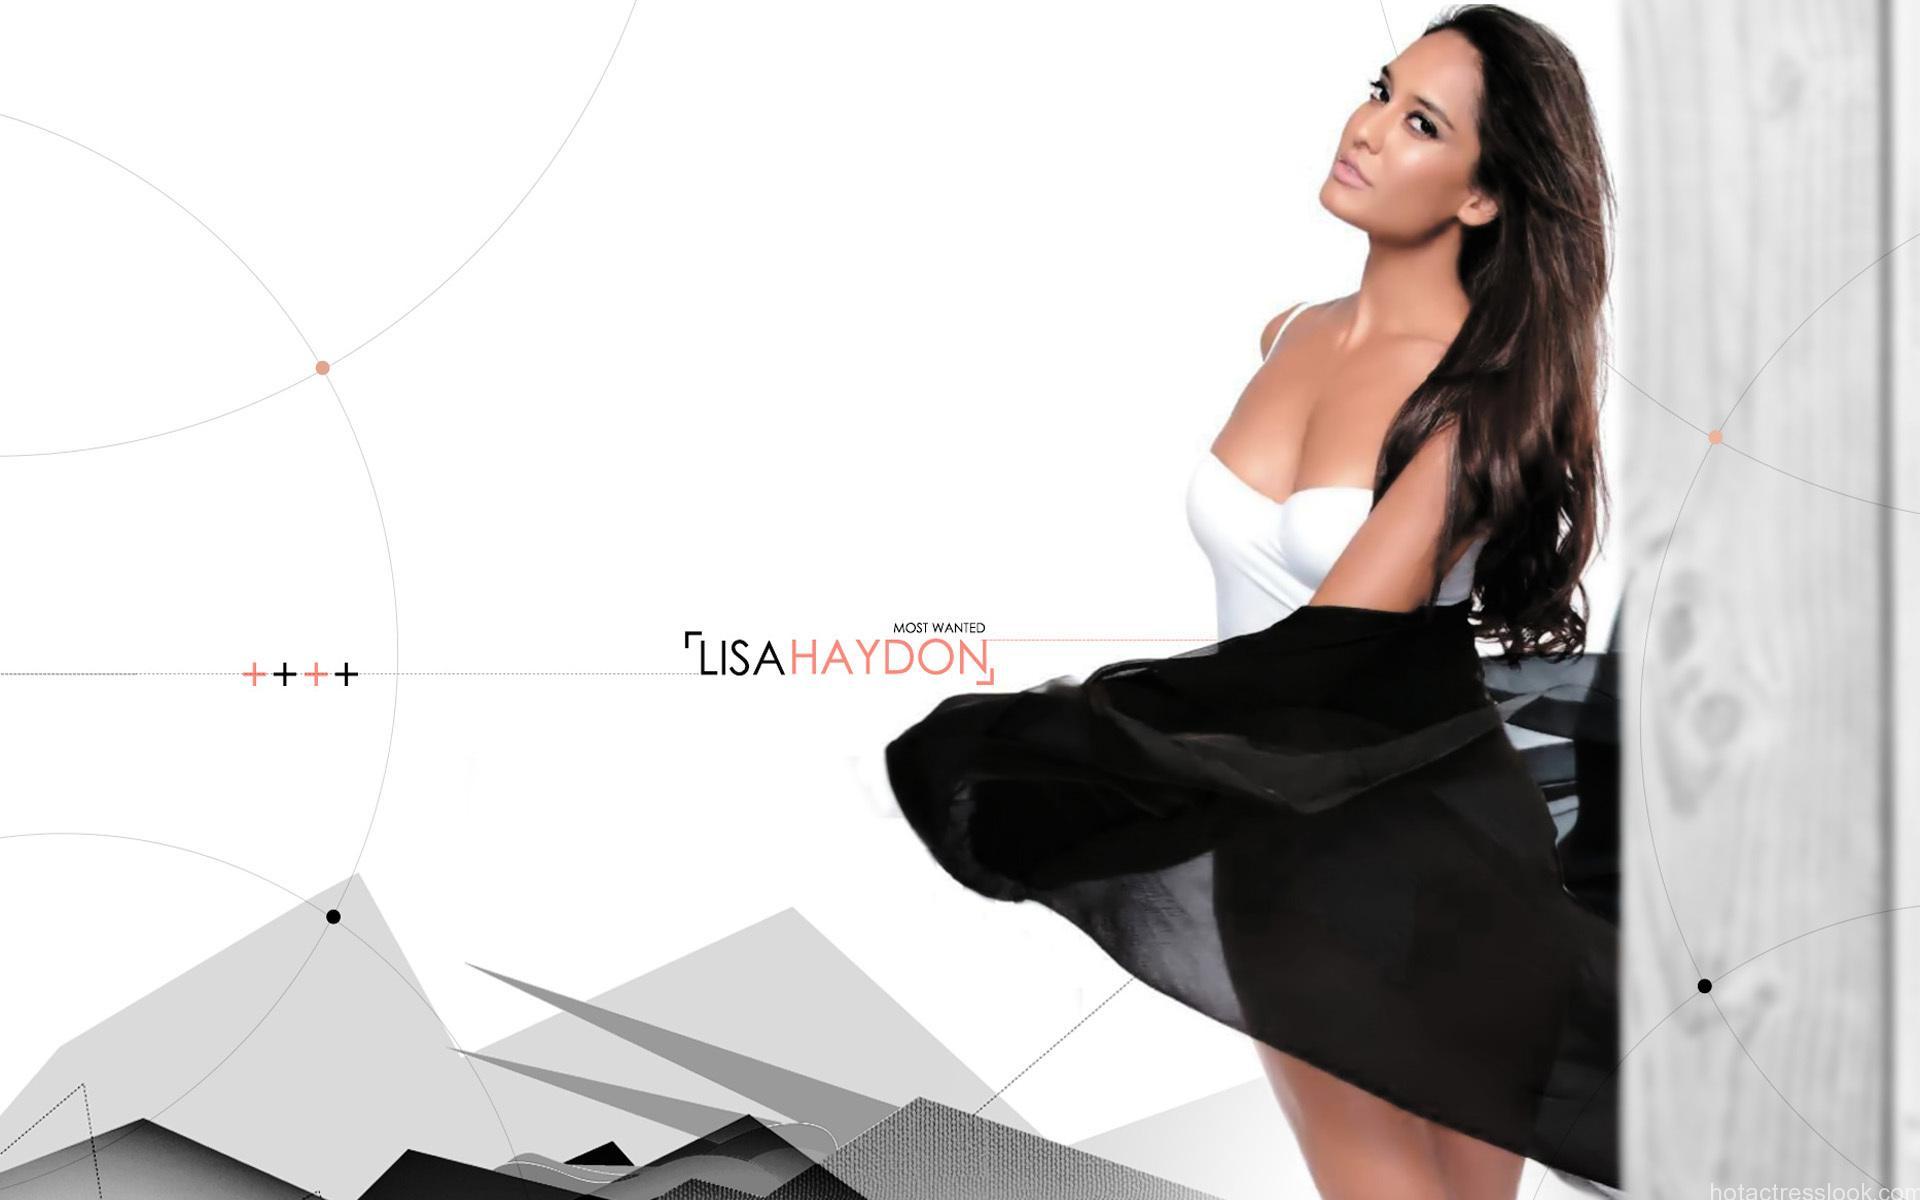 Lisa-Haydon-Very-Hot